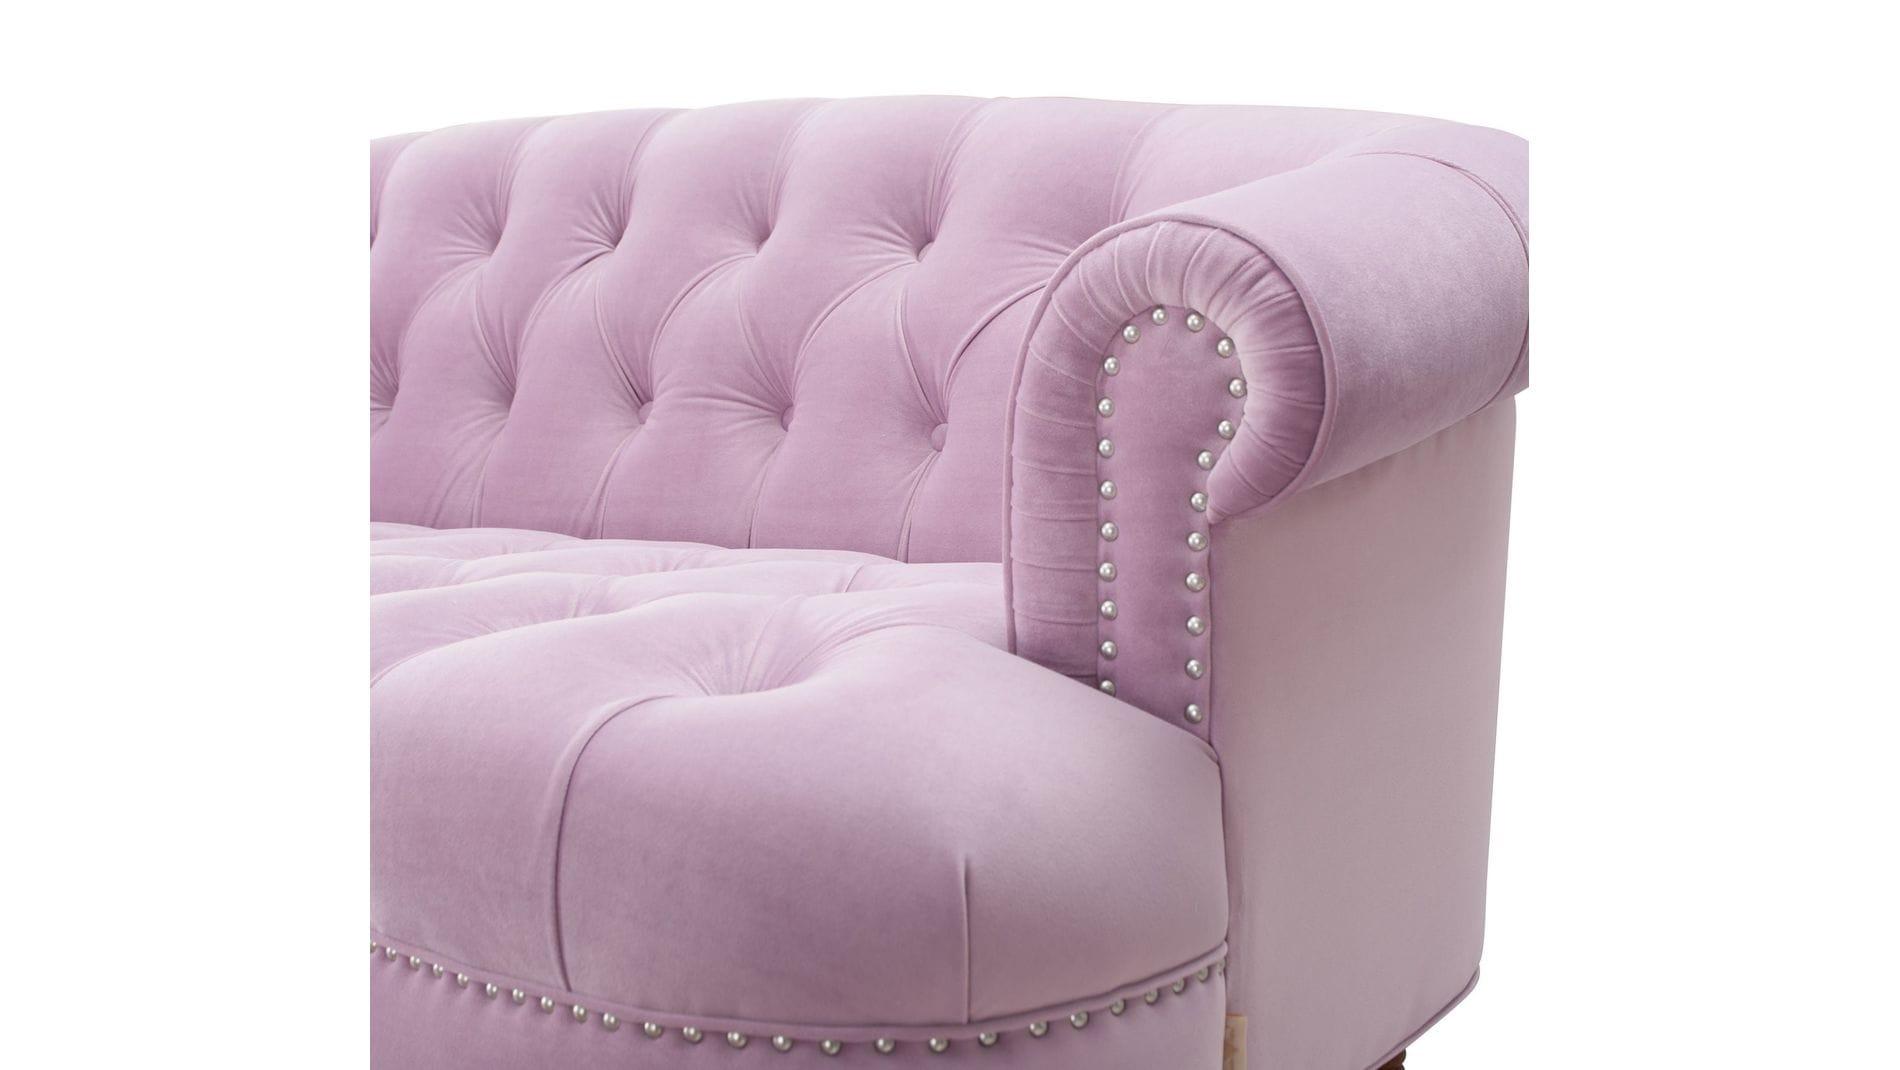 Диван La Rosa трехместный Розовый Велюр Р